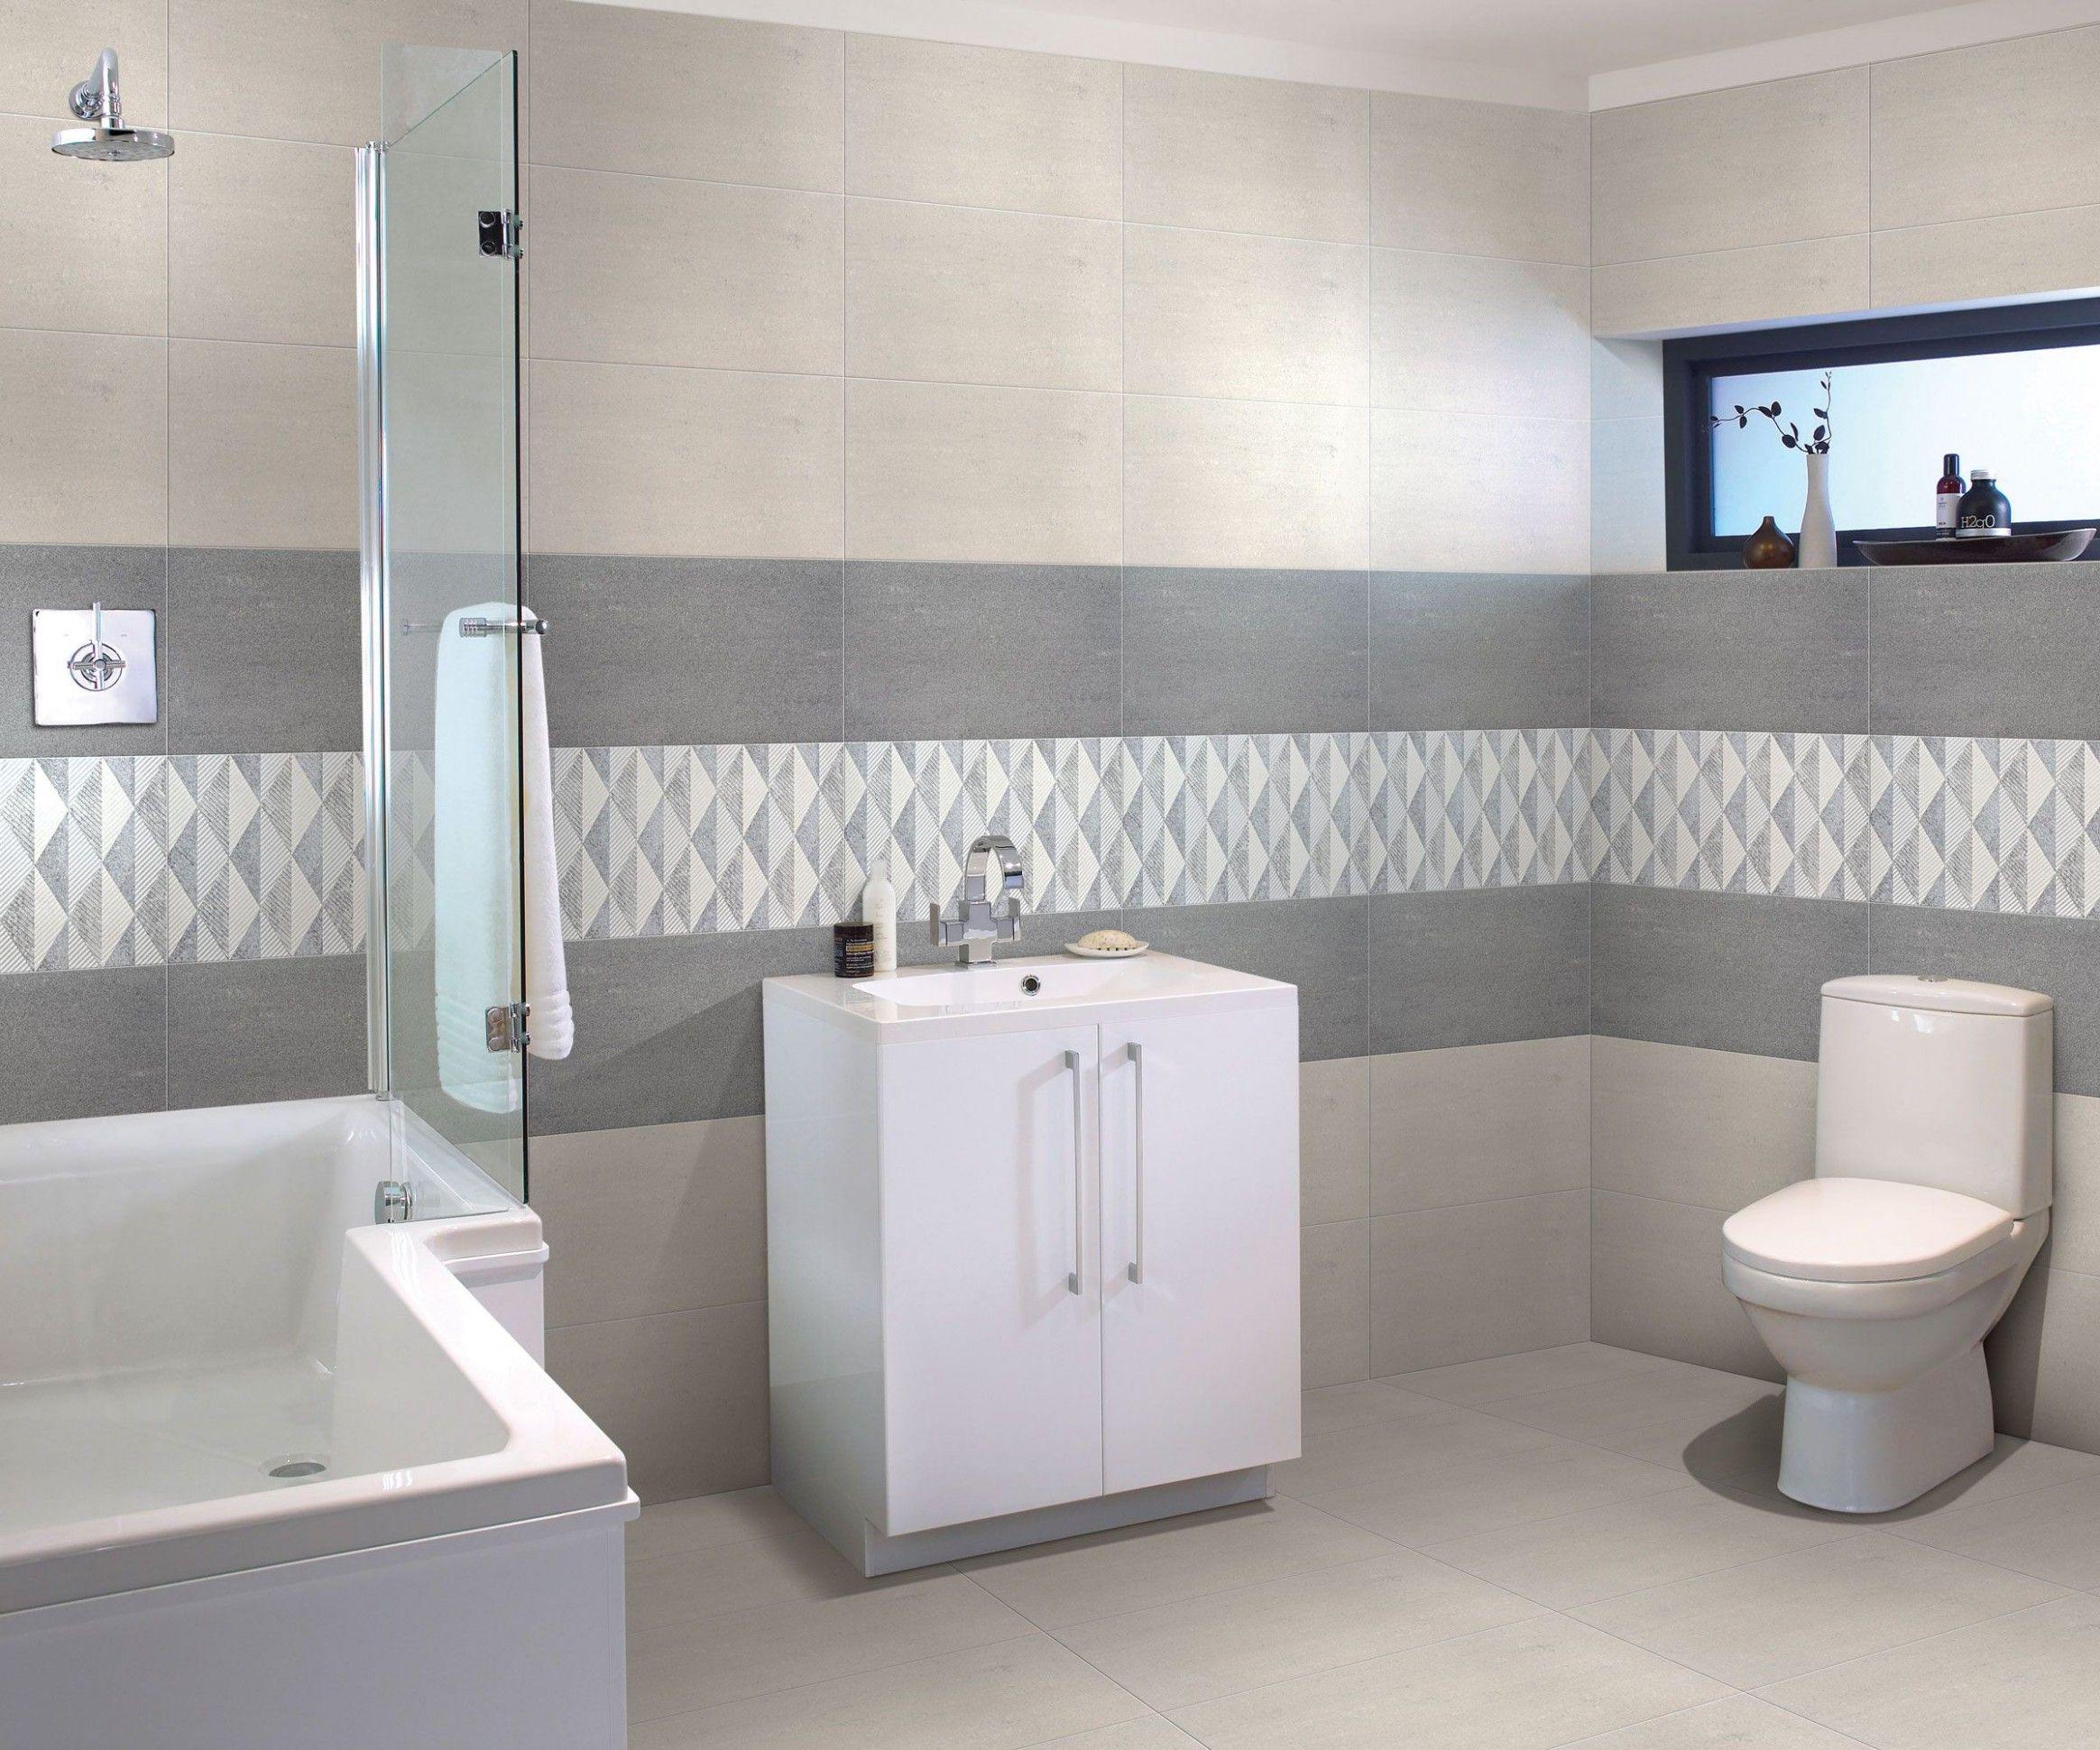 Bathroom Floor And Wall Tiles Design Di 2020 Desain Kamar Mandi Modern Kamar Mandi Kecil Interior Kamar Mandi